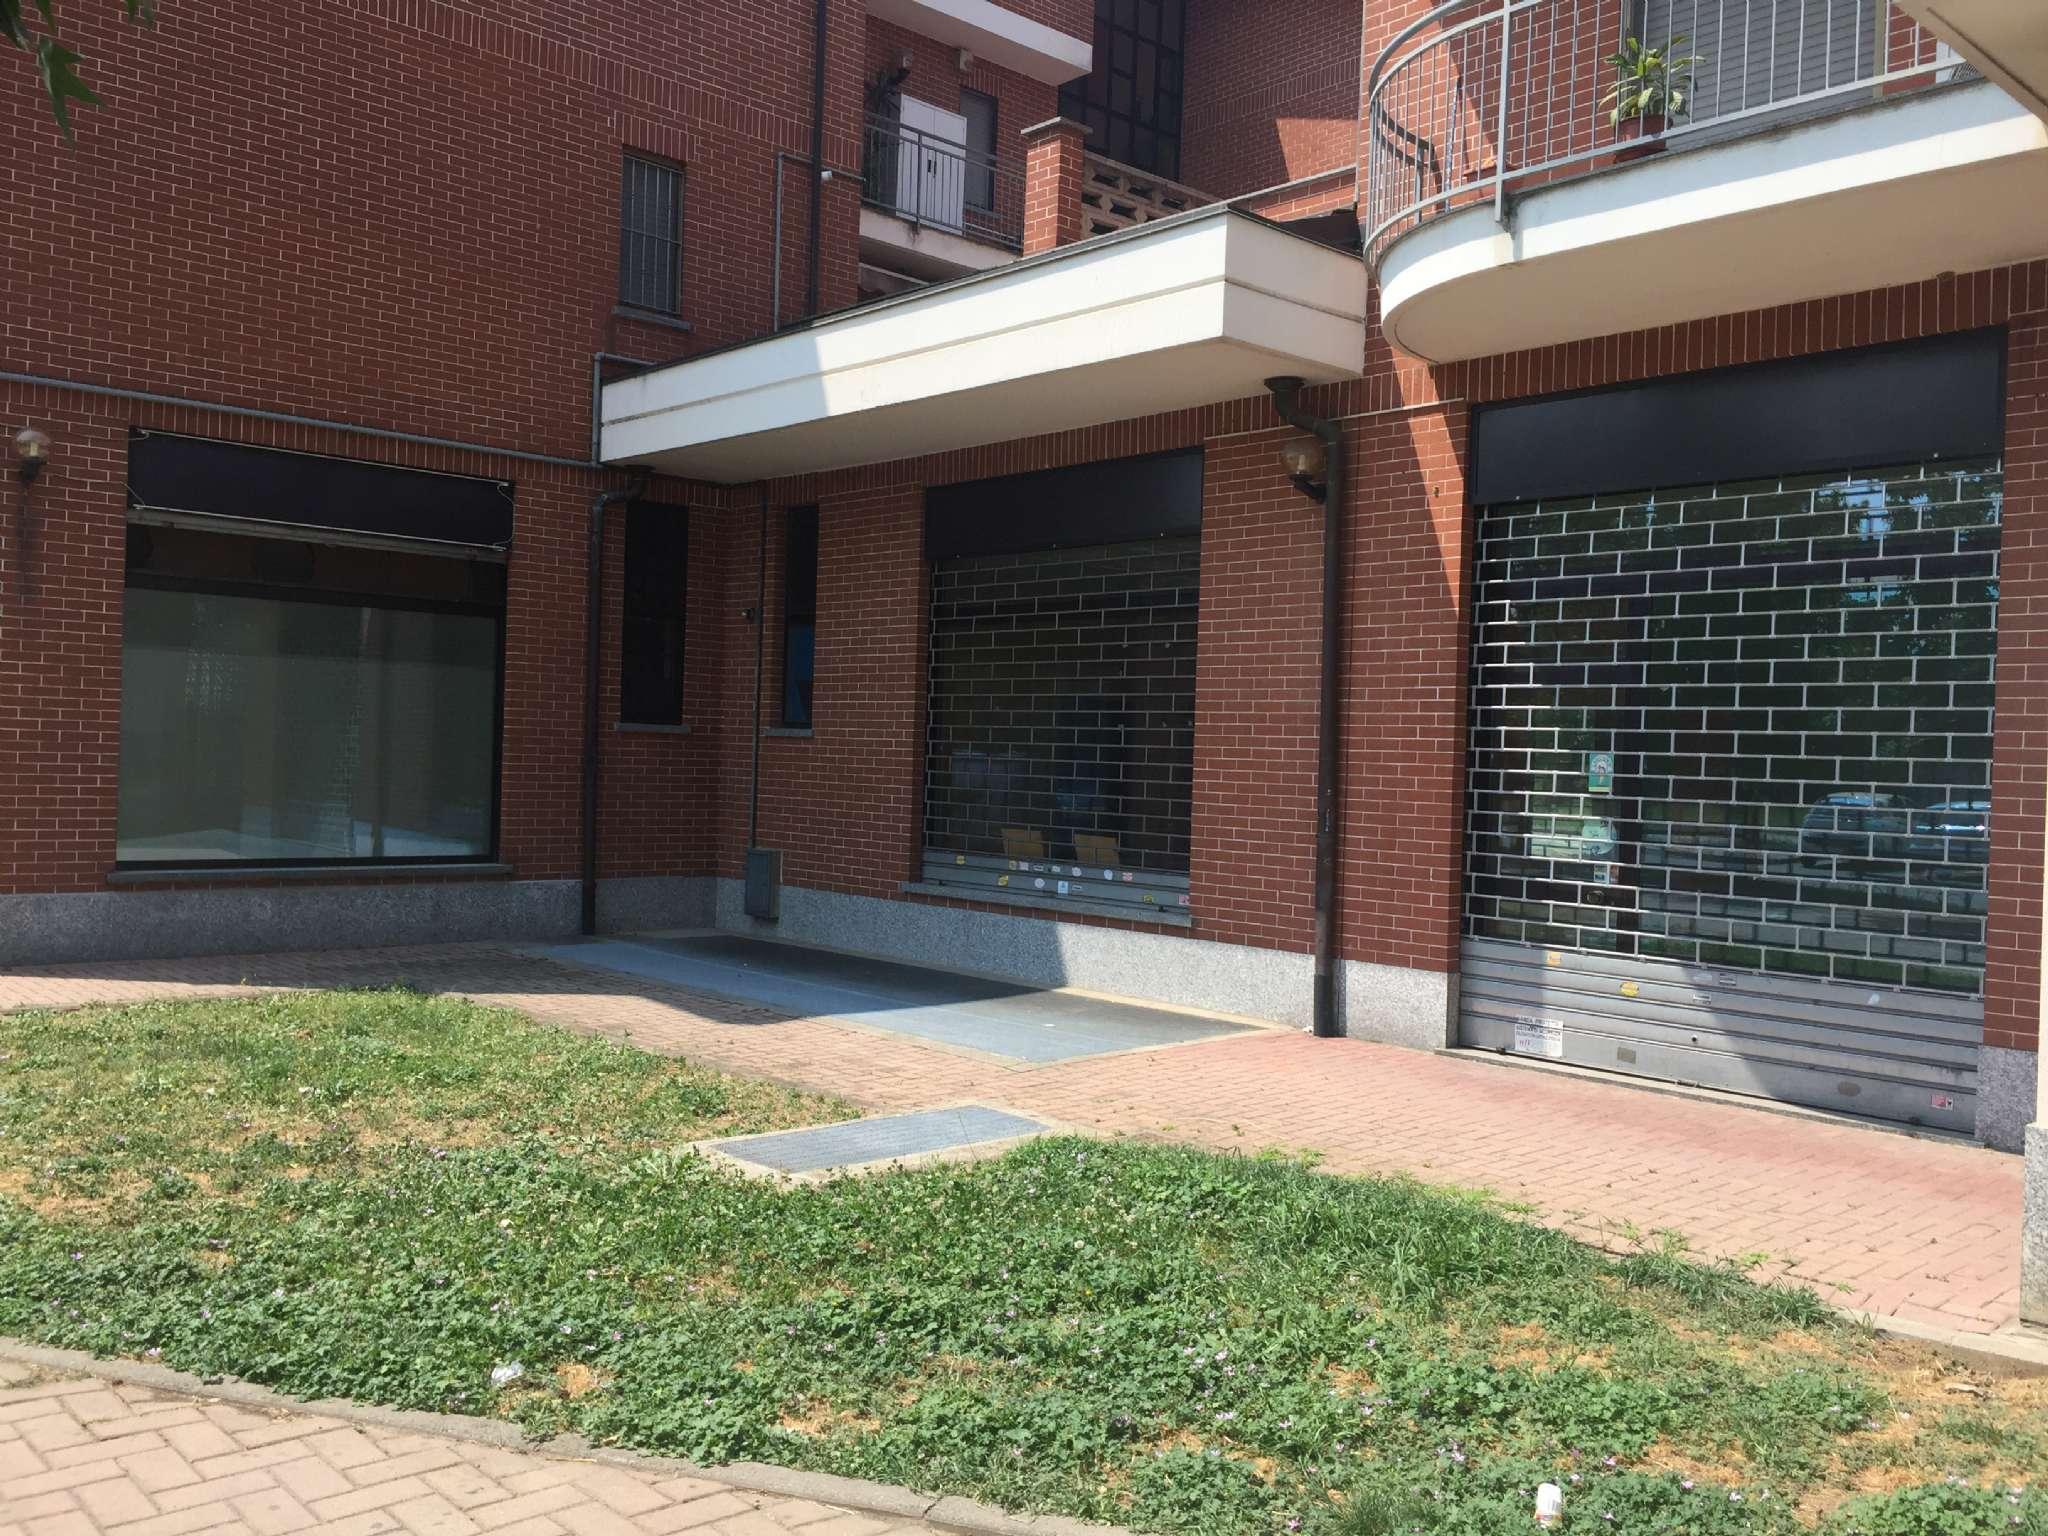 Negozio / Locale in affitto a Nichelino, 2 locali, prezzo € 500 | PortaleAgenzieImmobiliari.it